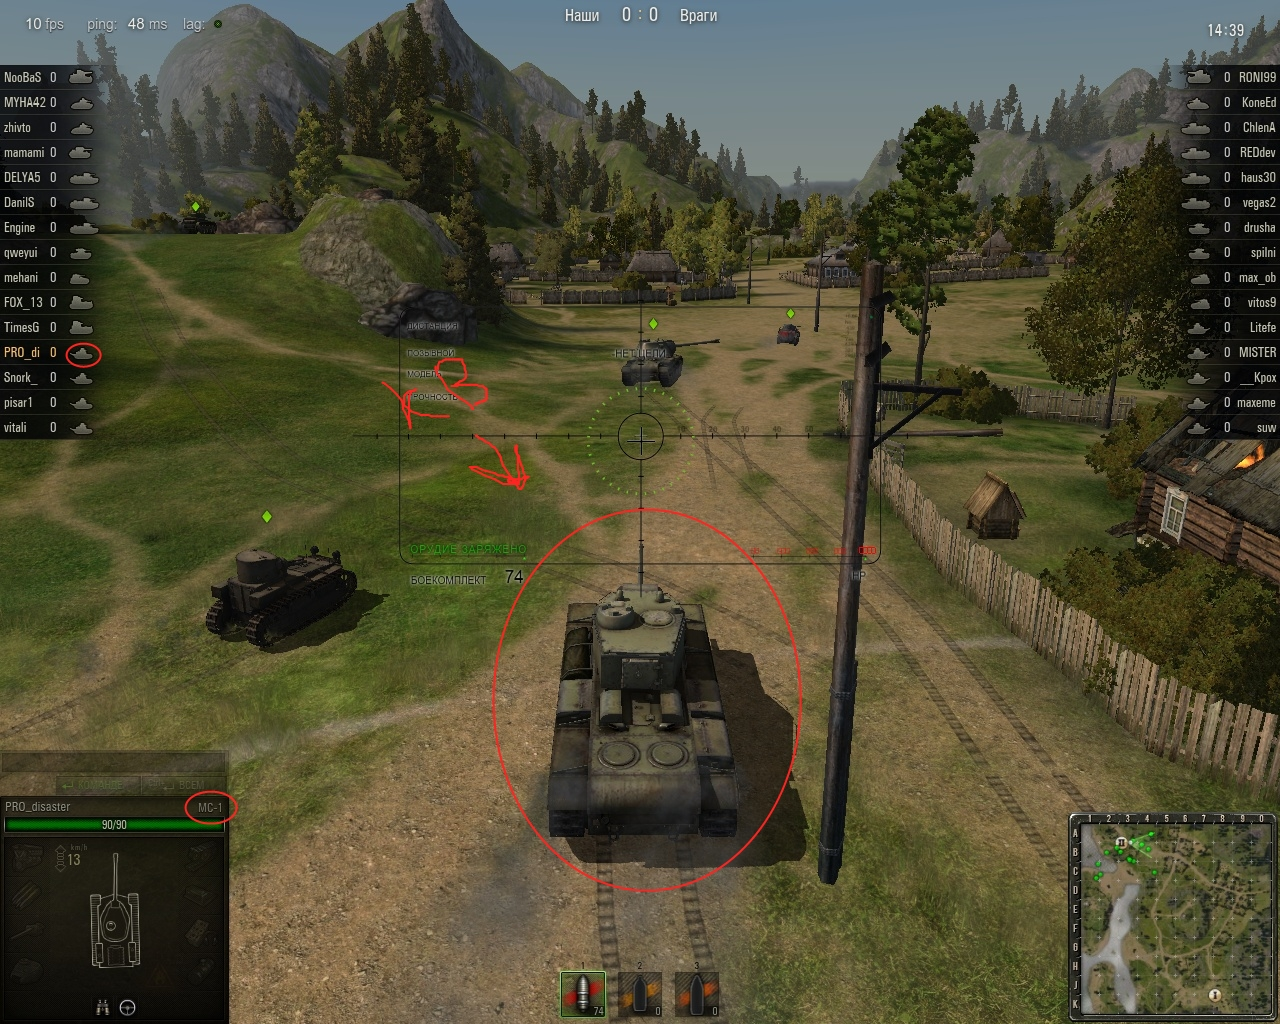 Как сделать фото на world of tanks